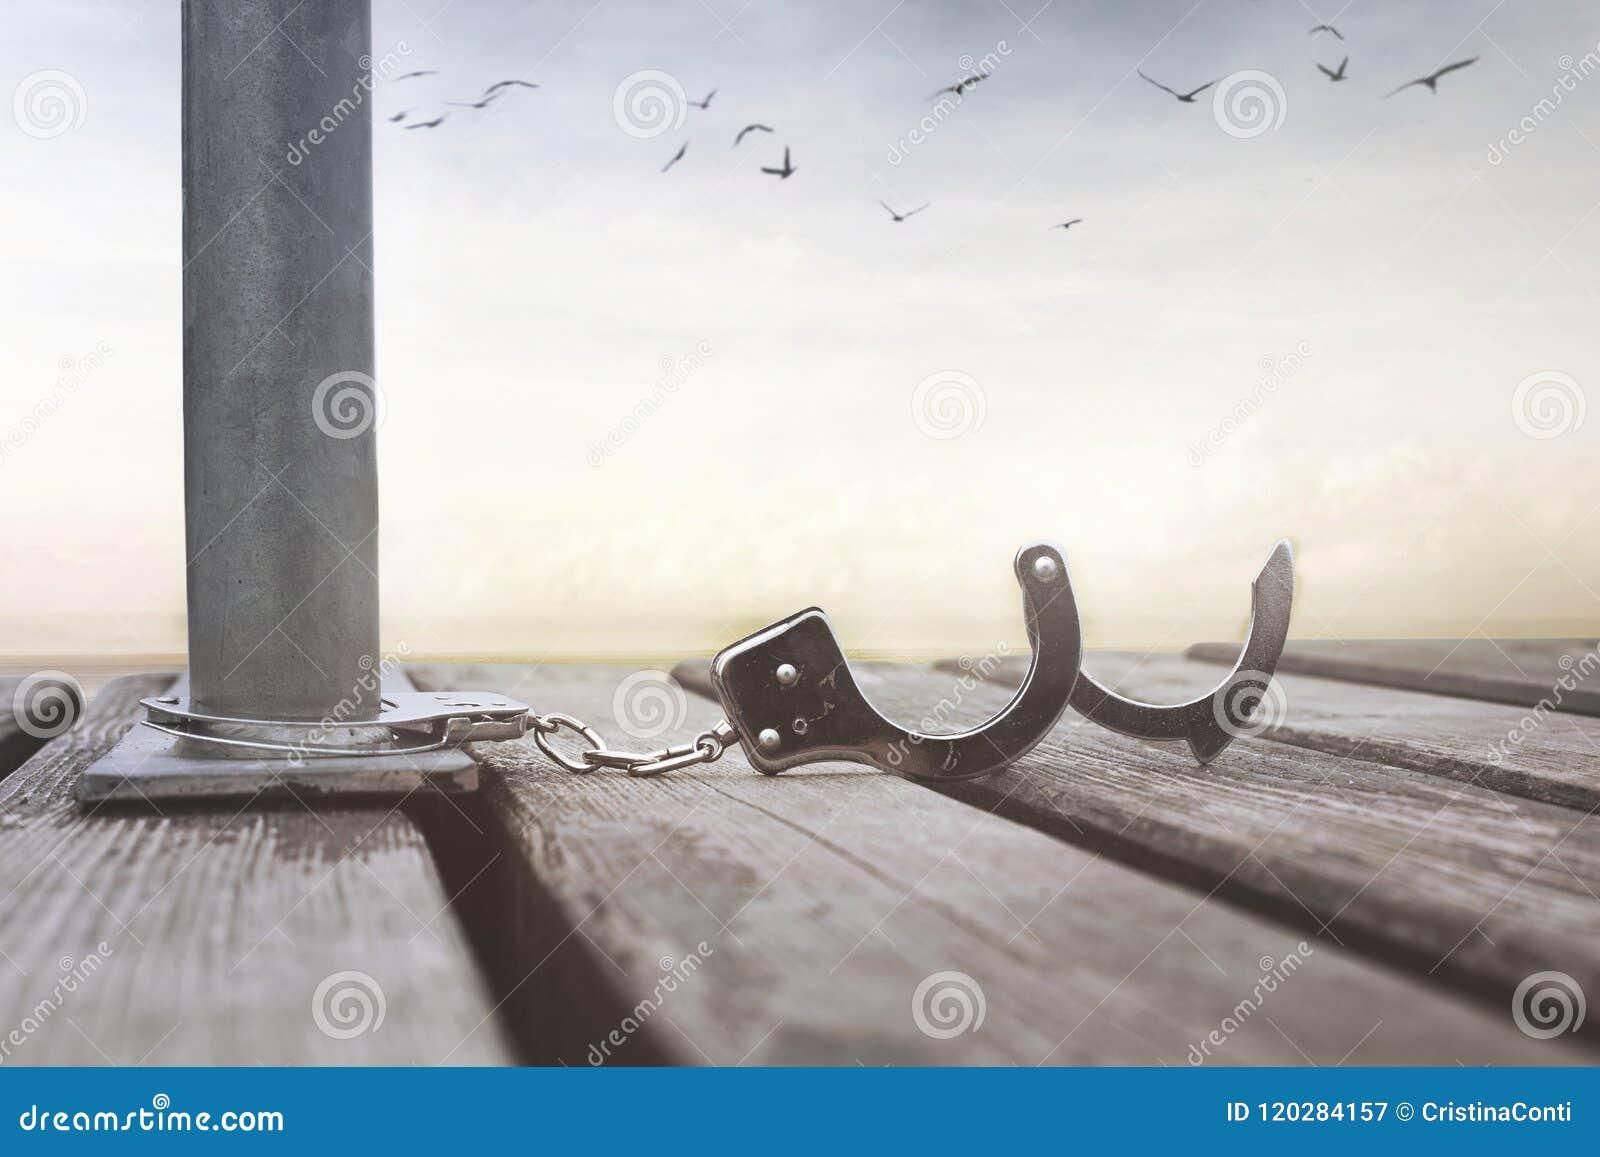 Έννοια της ελευθερίας με ένα ζευγάρι των ανοικτών χειροπεδών